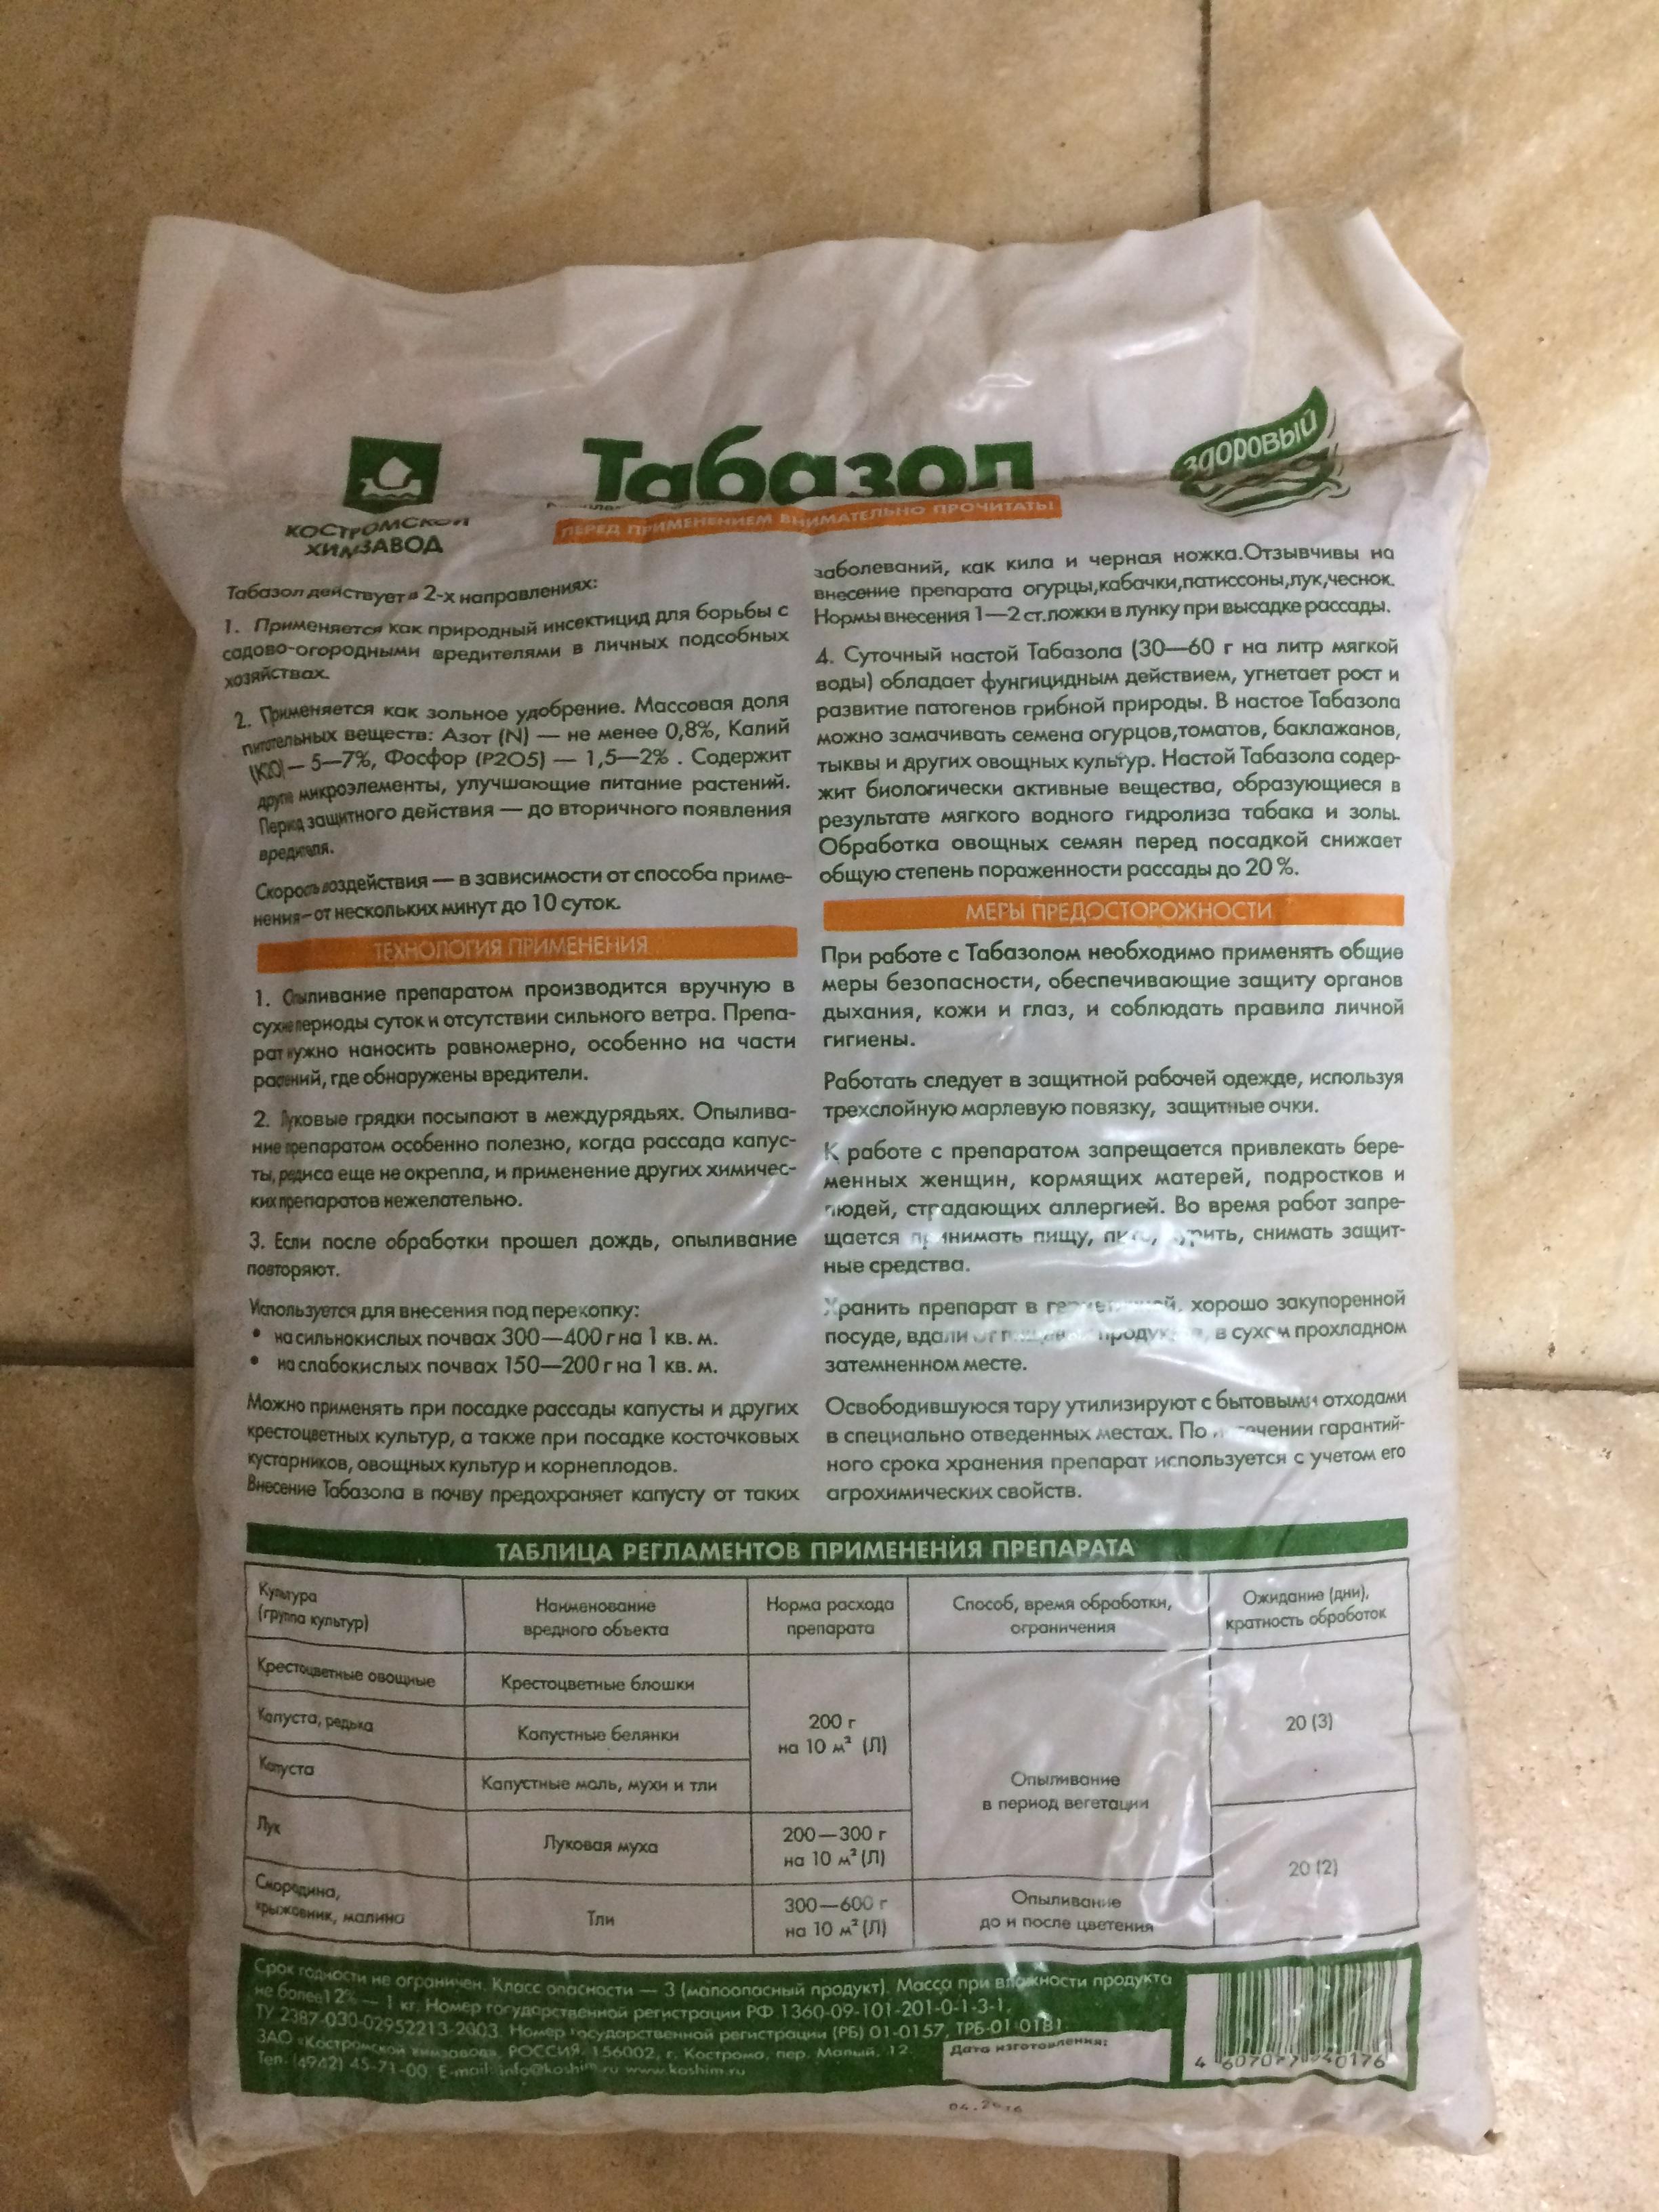 tabazol (2)